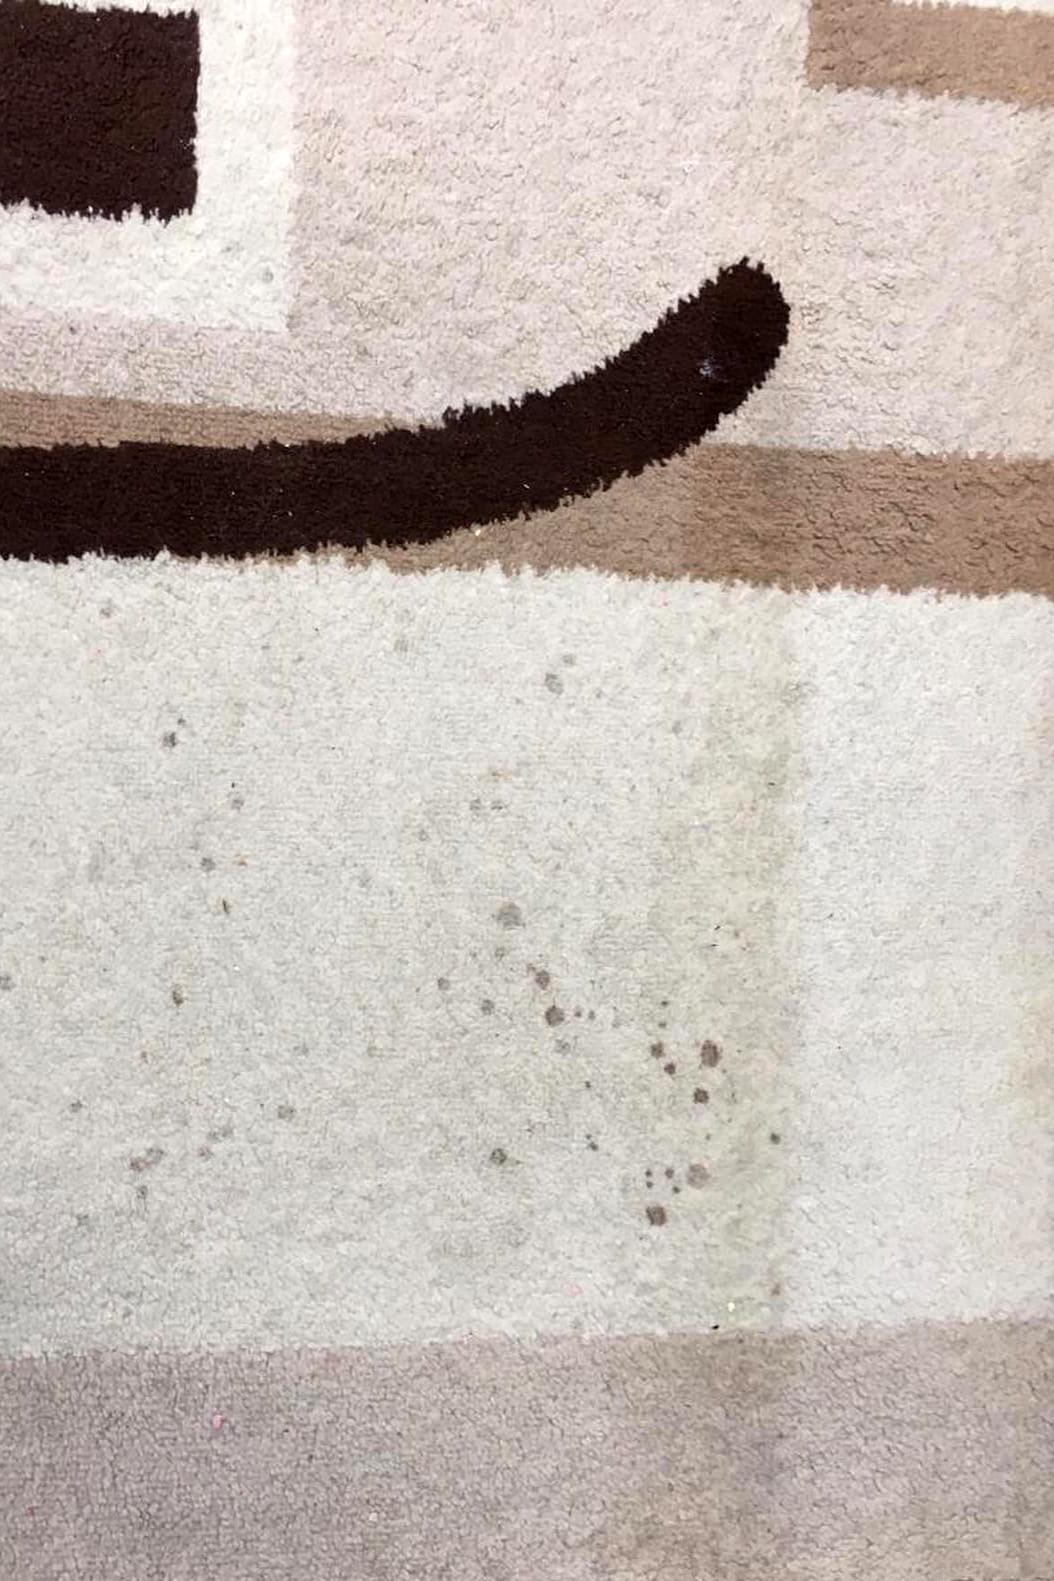 Загрязнение на светлом ковре